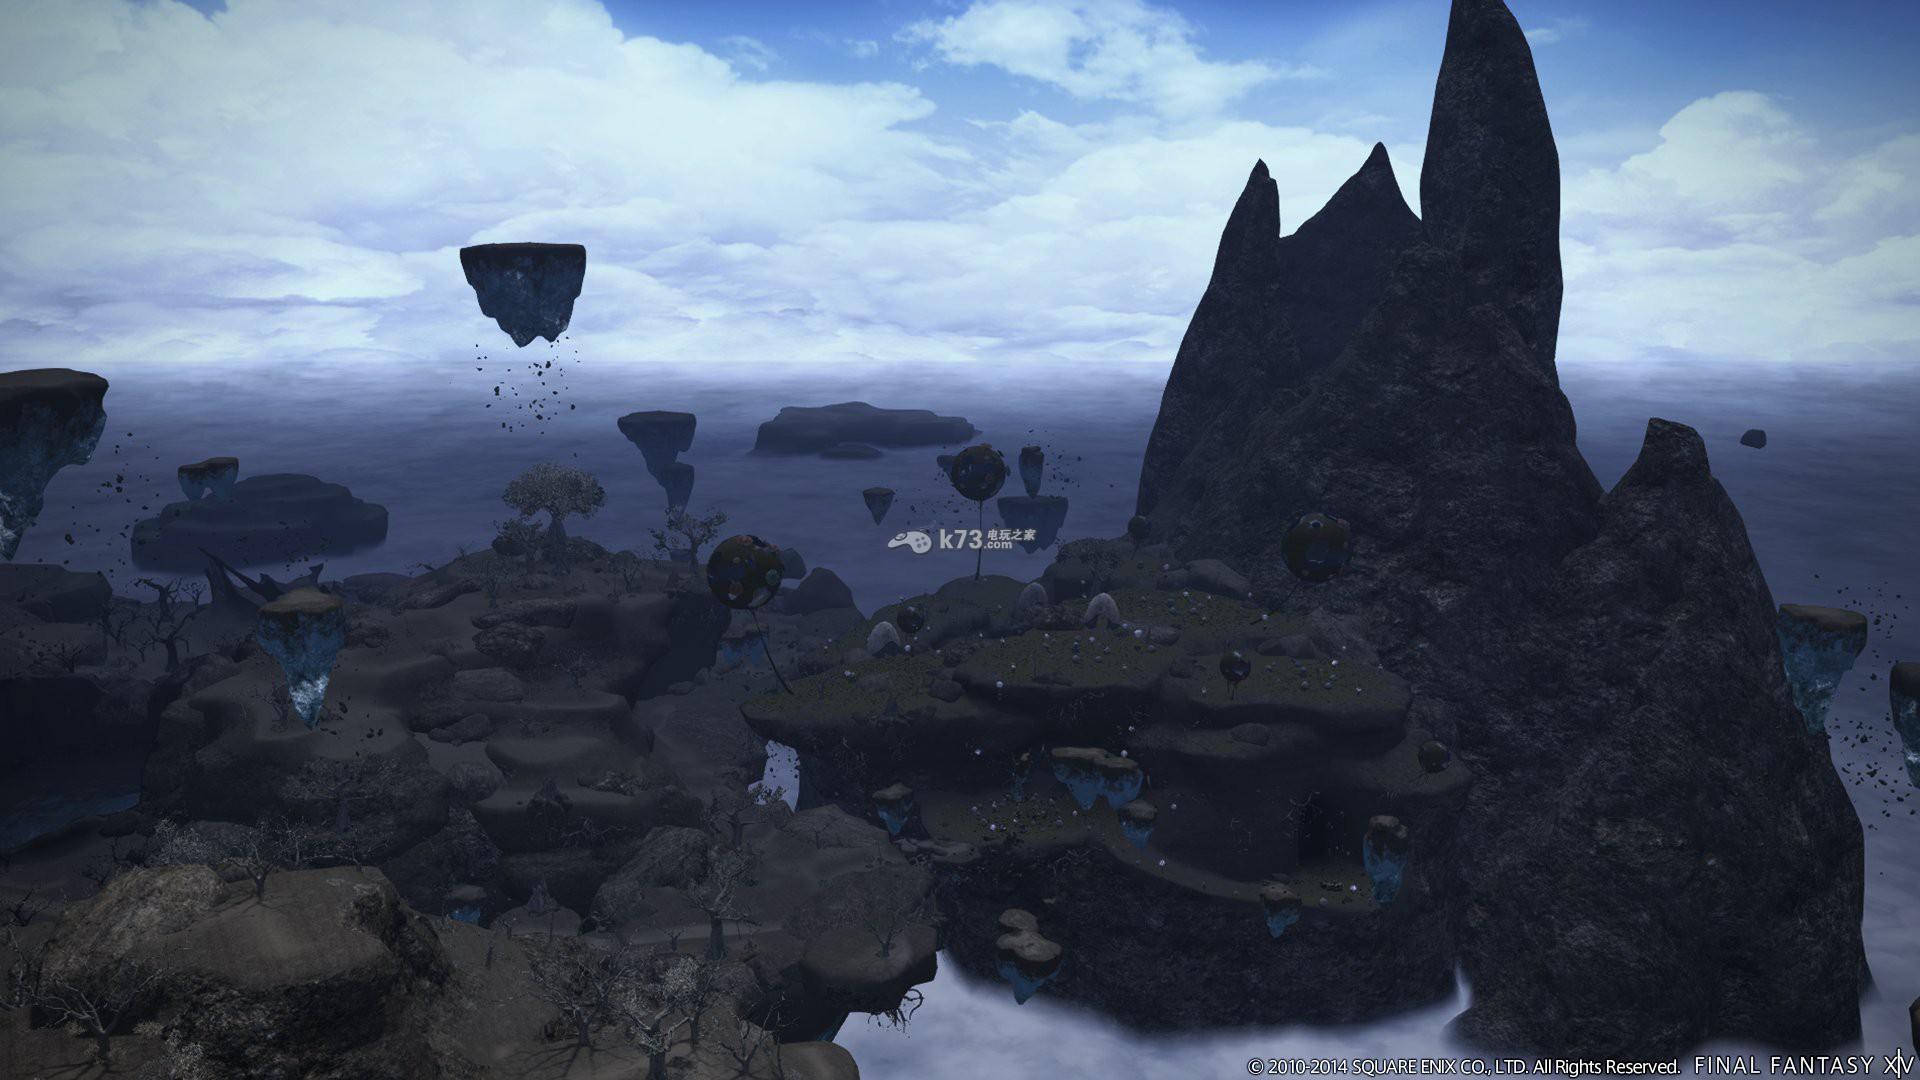 《最终幻想14》3.0新职业暗黑骑士&新蛮神公布